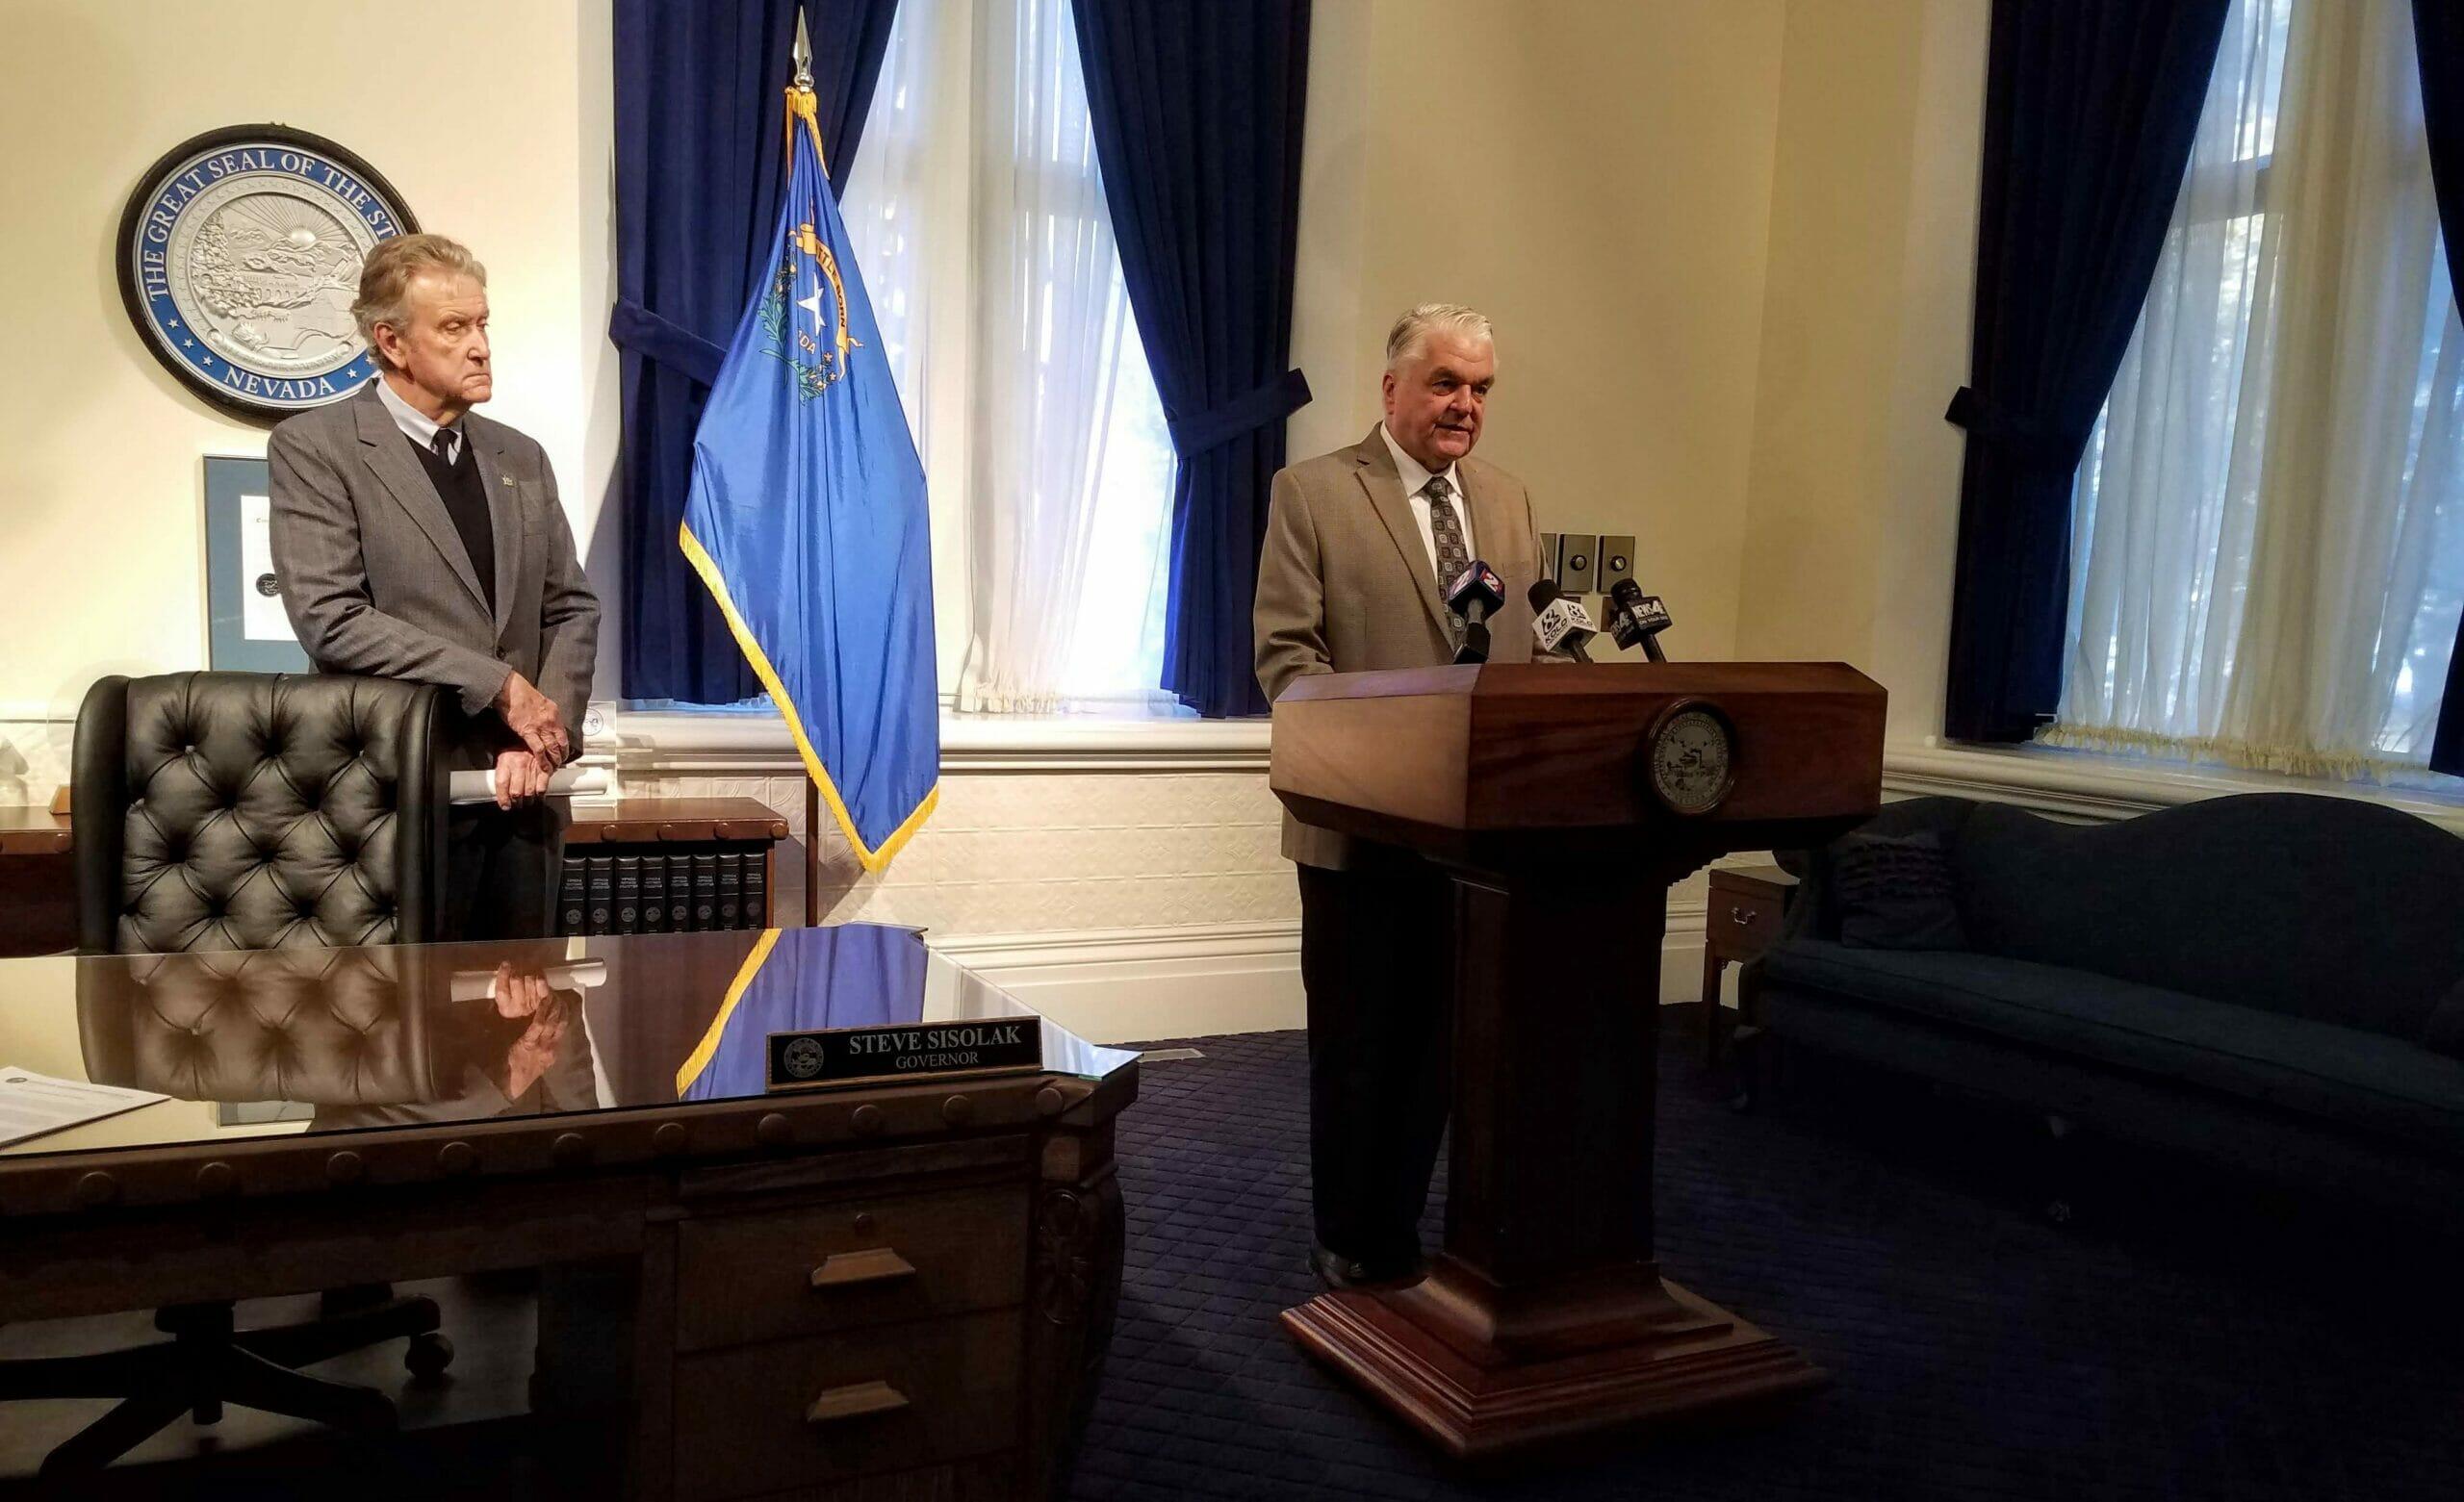 Gov. Steve Sisolak standing in his office